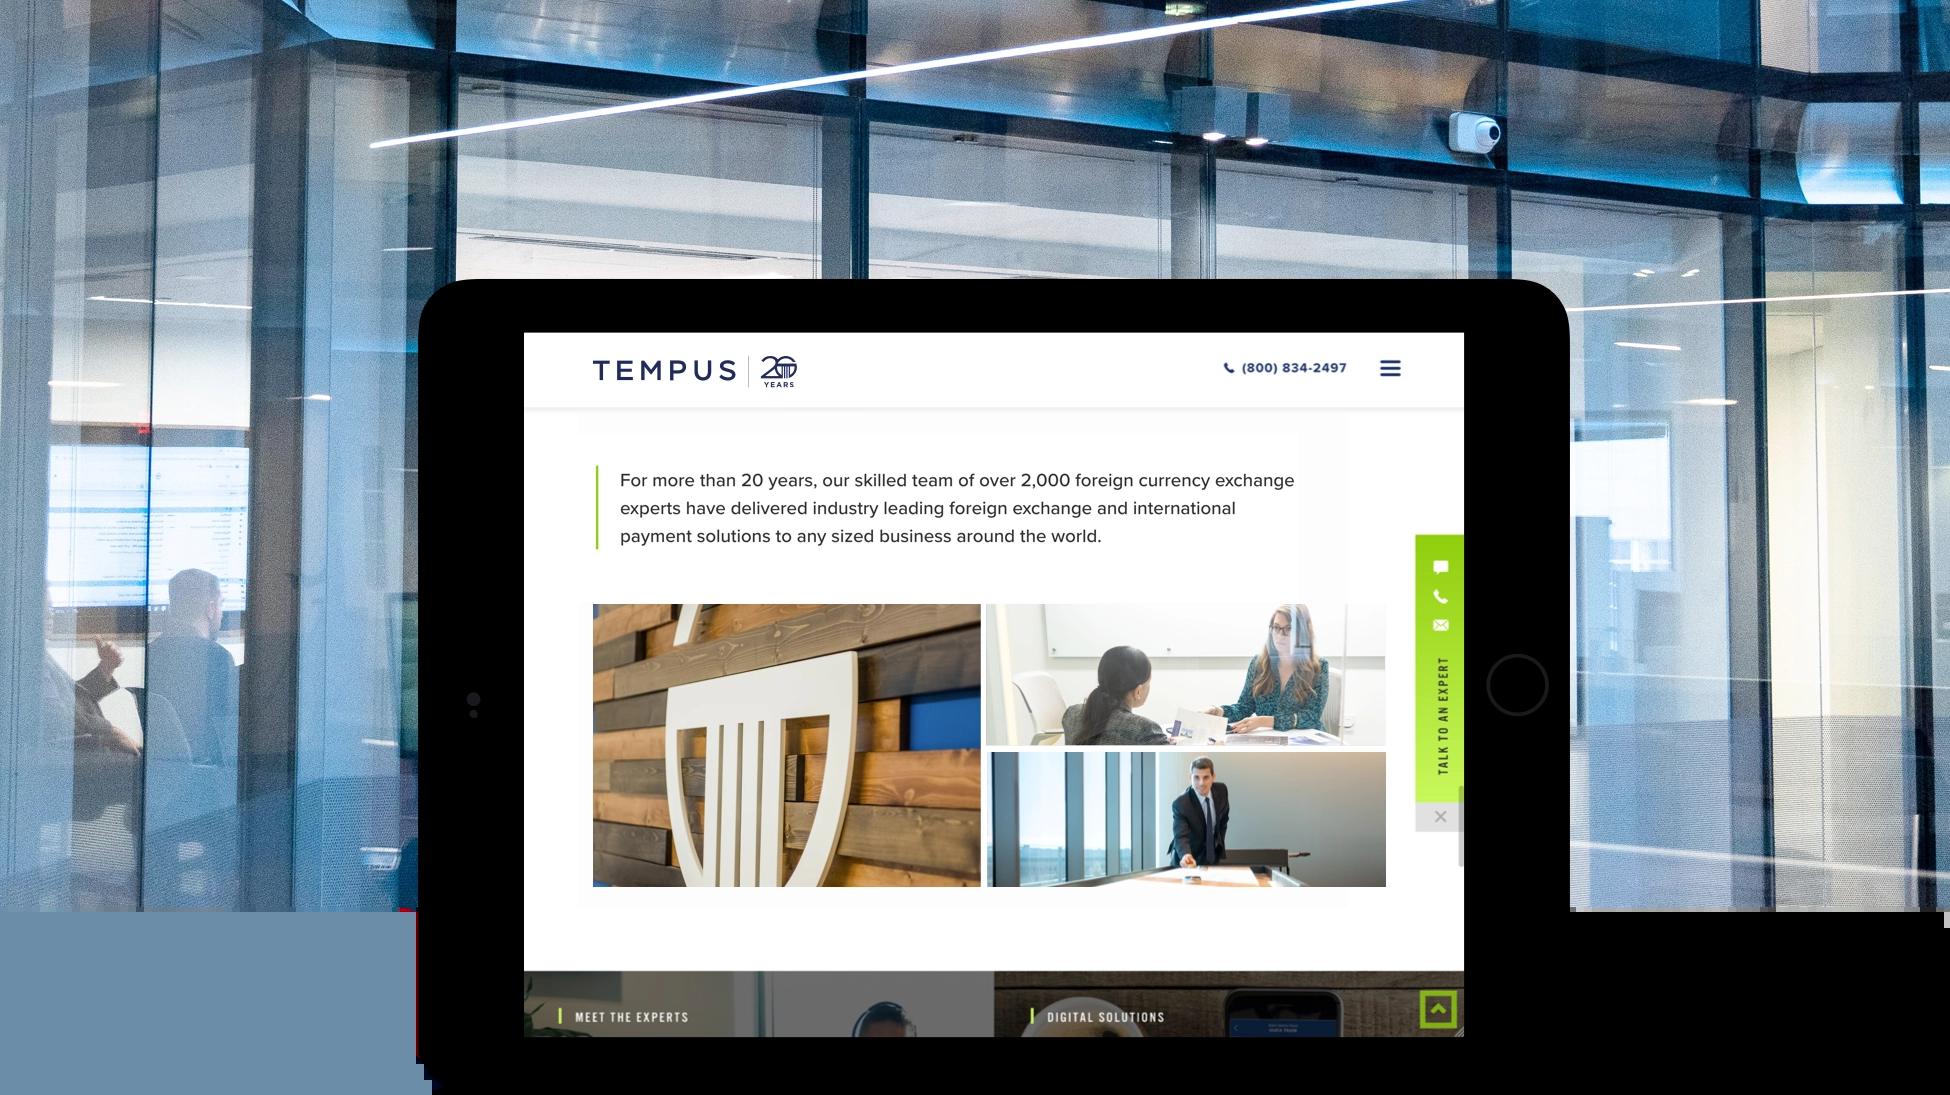 Tempus tablet site view